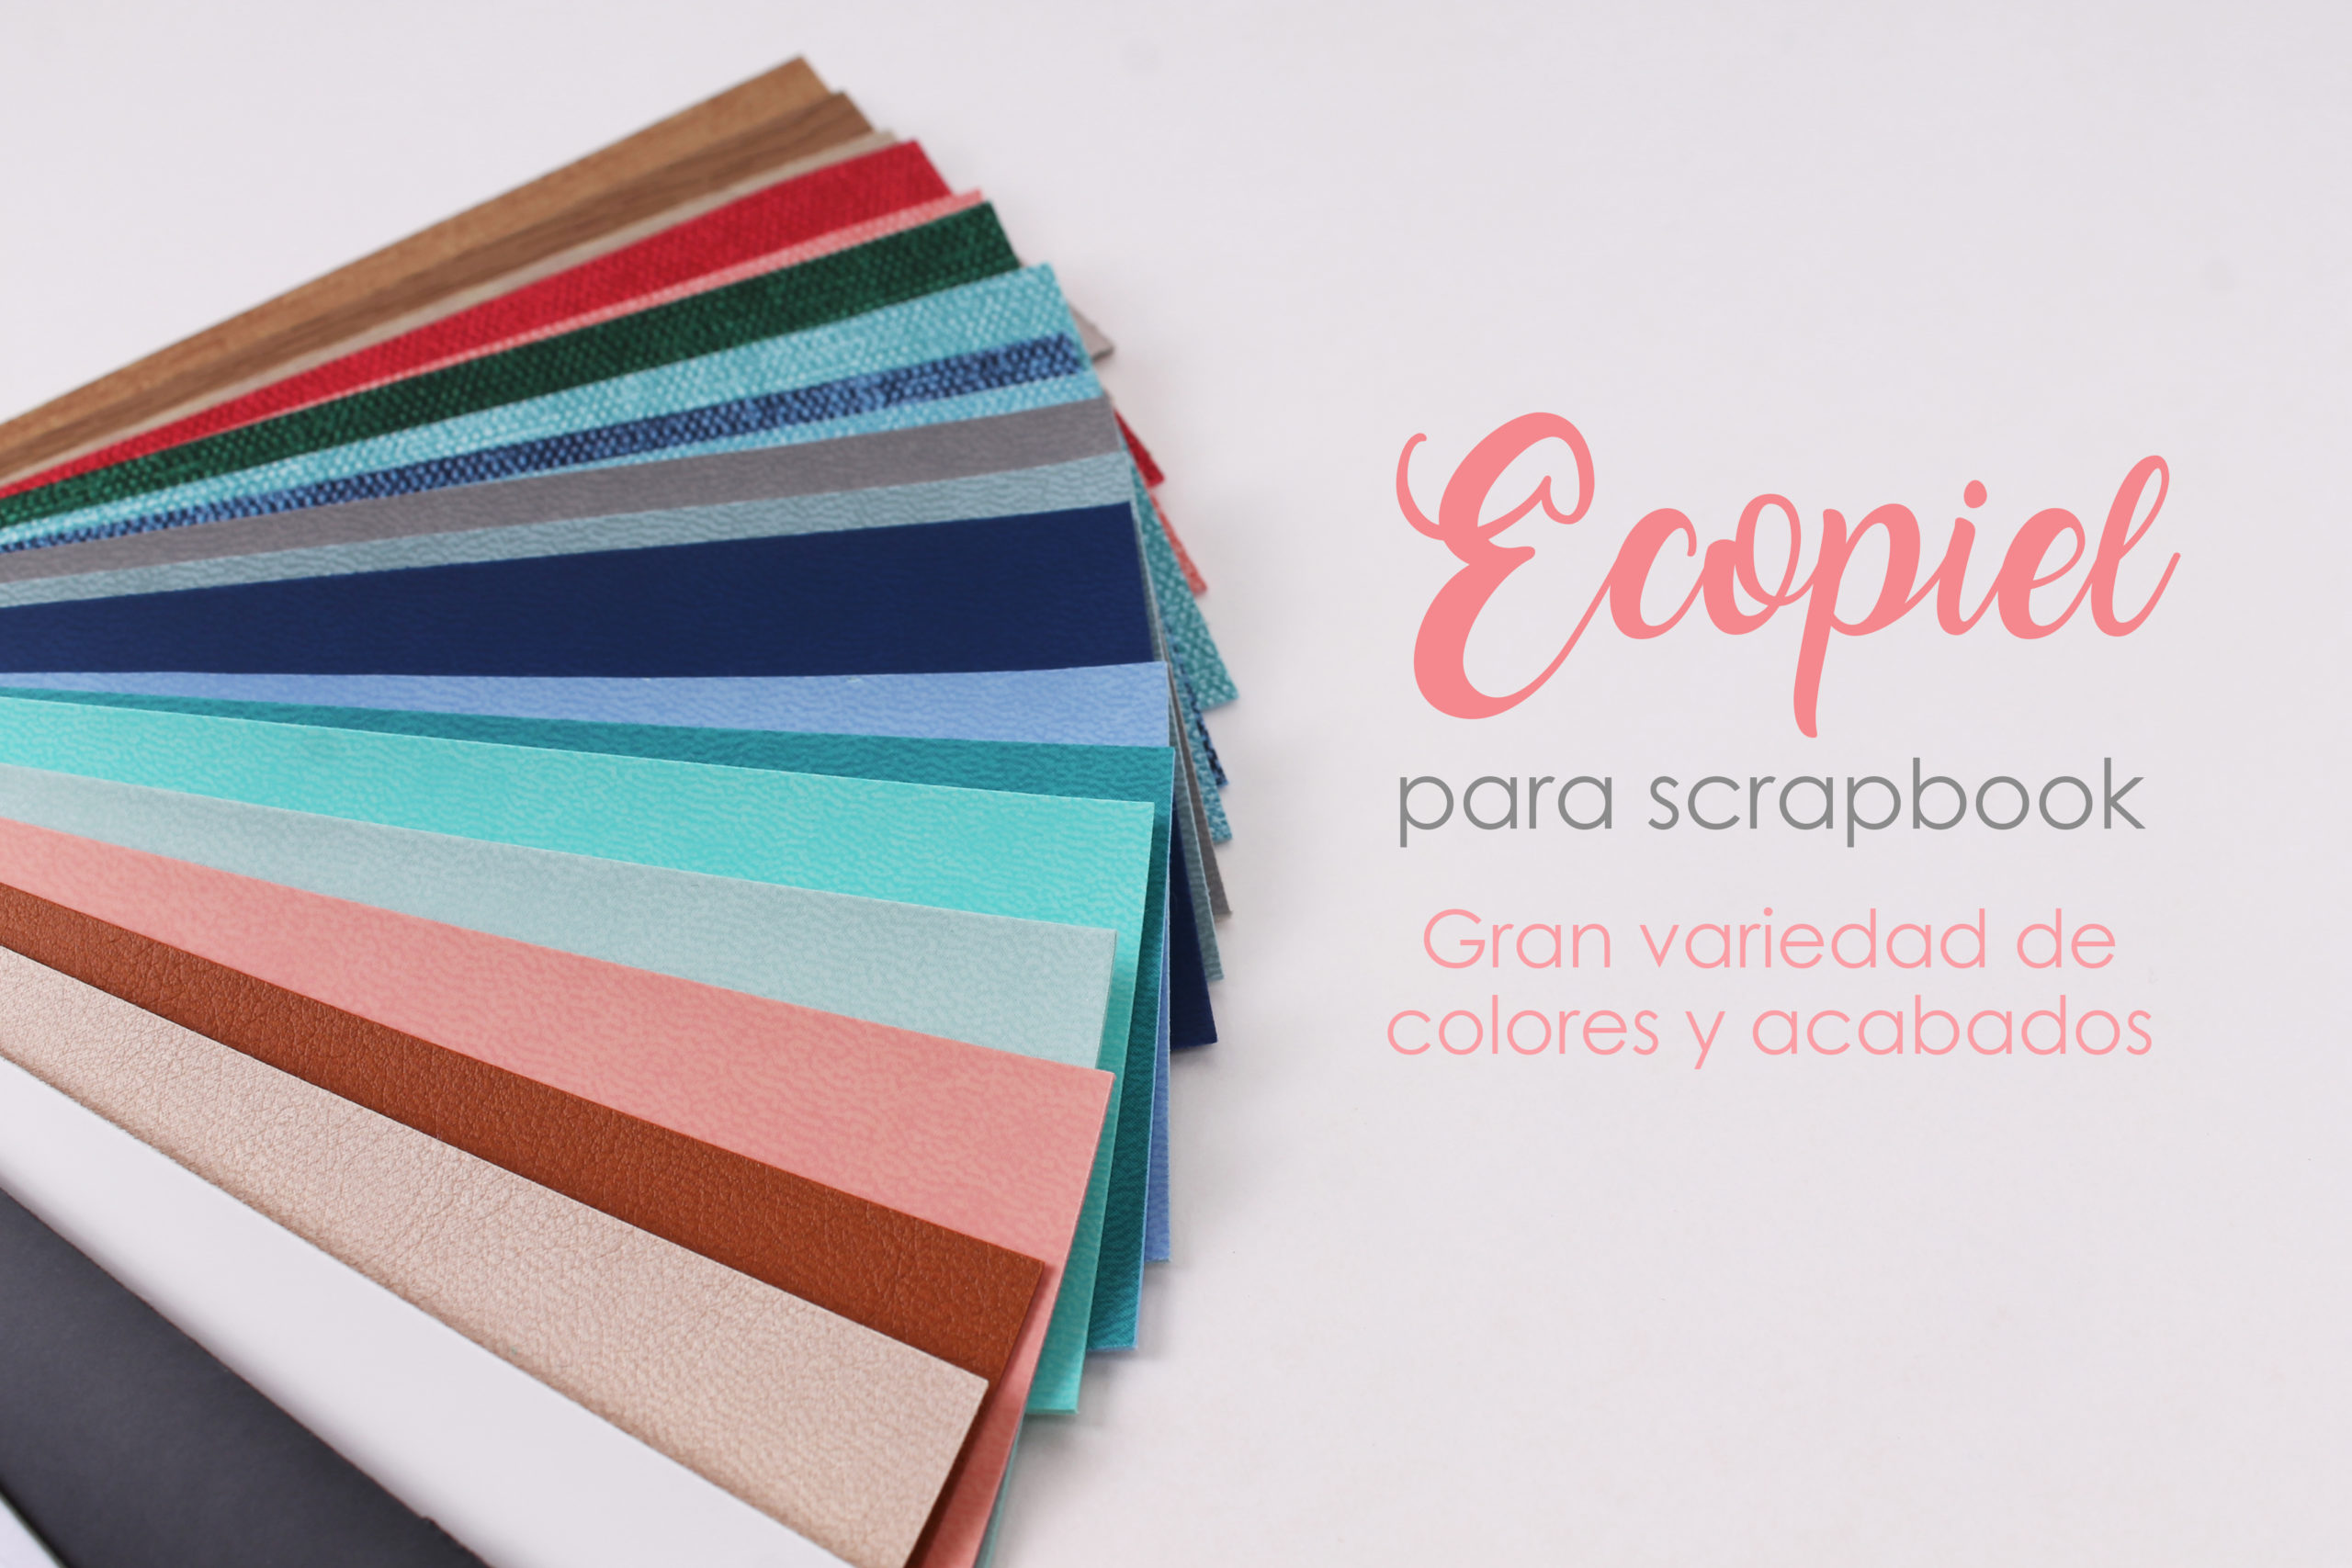 Colores y acabados ecopiel